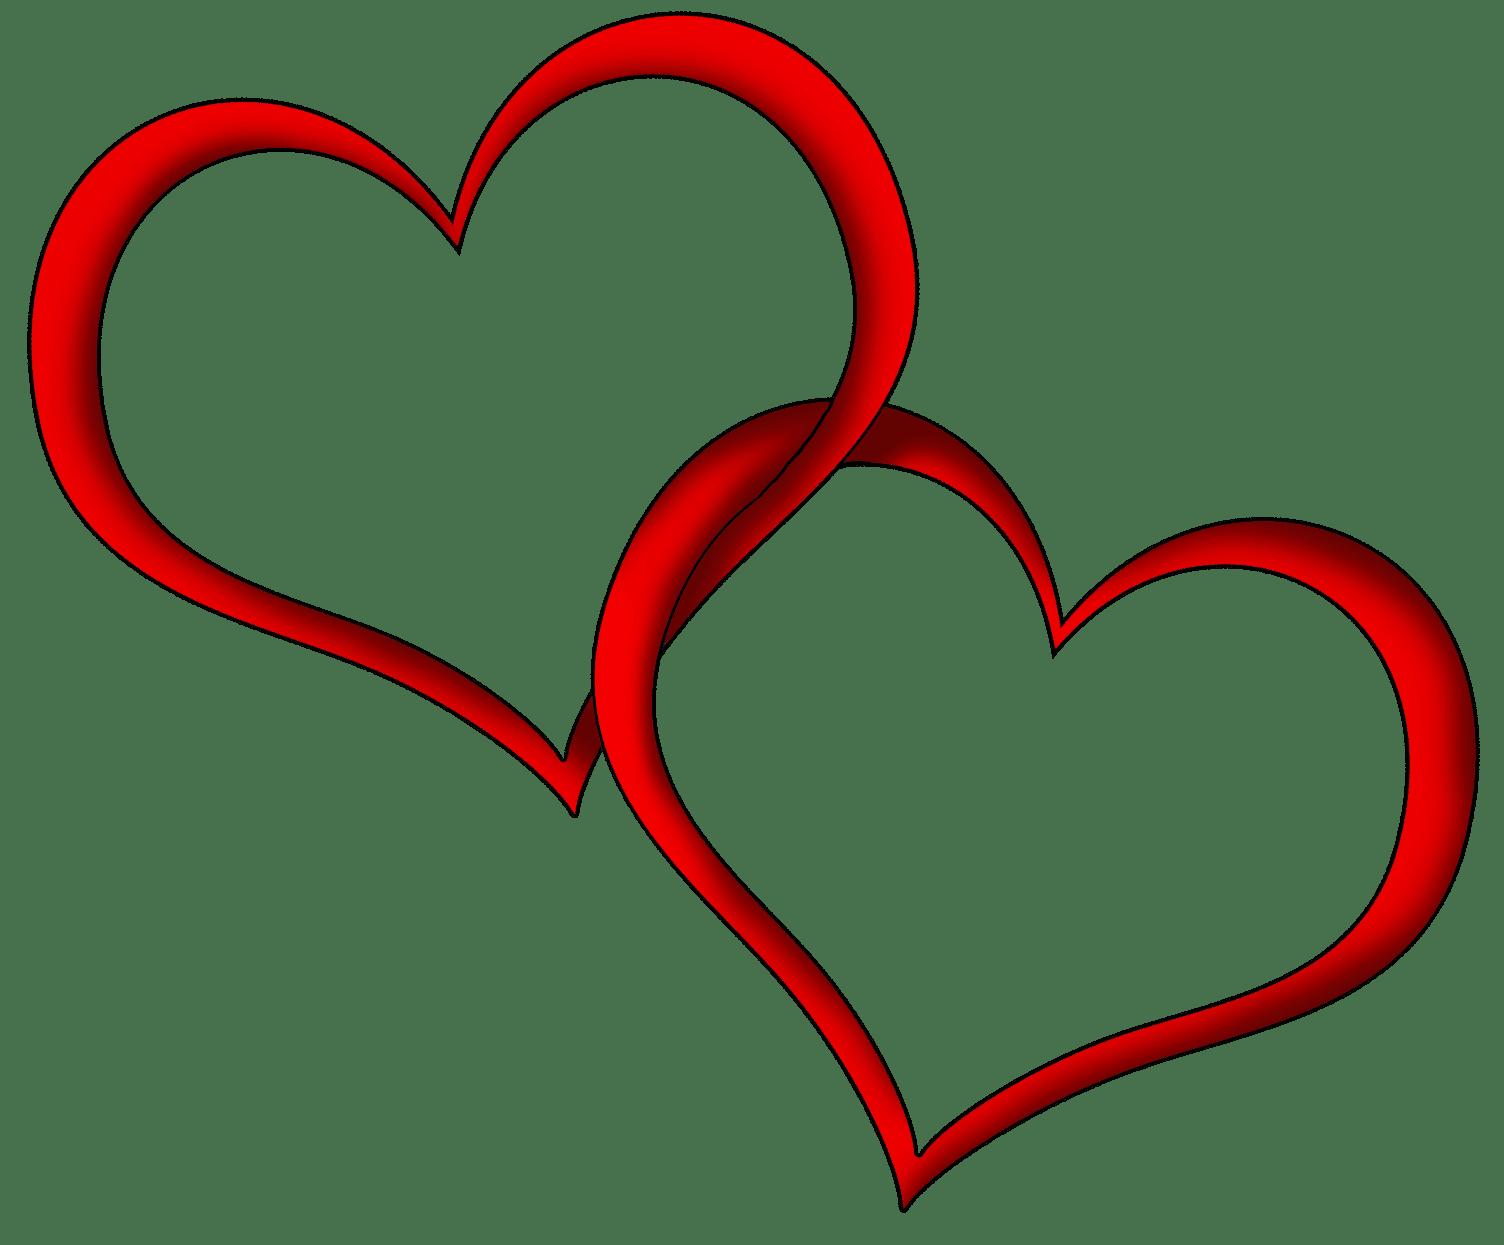 Heart 3d Walpaper Love My Walpaper In 2020 Love Heart Images Heart Images Heart Images Hd